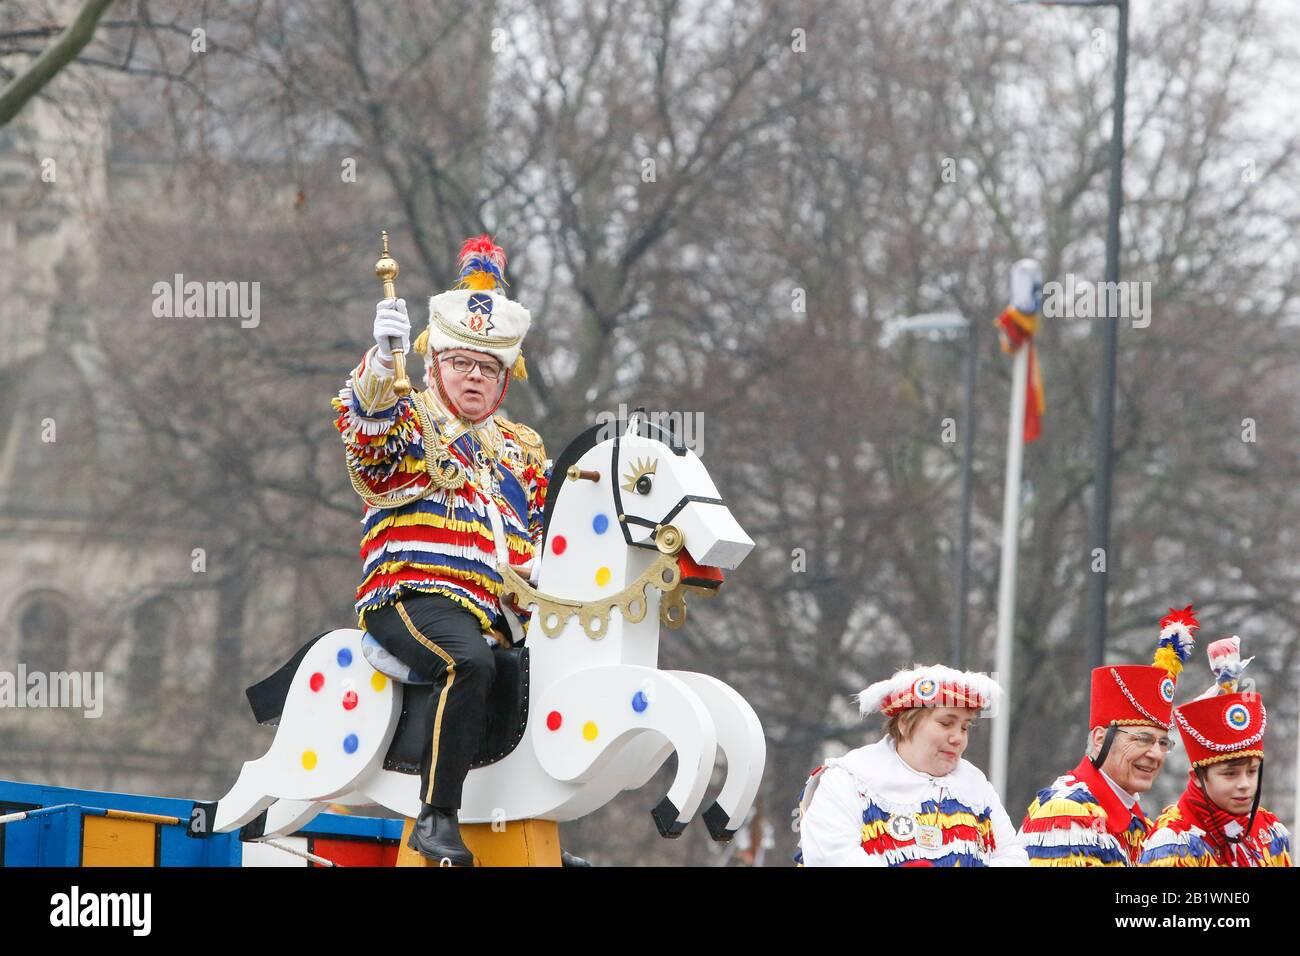 Magonza, Germania. 24th febbraio 2020. Un membro del Mainzer Kleppergarde passeggiate su un cavallo di legno nella sfilata di Magonza Rose Lunedi. Circa mezzo milione di persone hanno fiancheggiato le strade di Magonza per la tradizionale sfilata del Carnevale di Rose Monday. La lunga sfilata di 9 km con oltre 9.000 partecipanti è una delle tre grandi Sfilate del lunedì delle Rose in Germania. Foto Stock